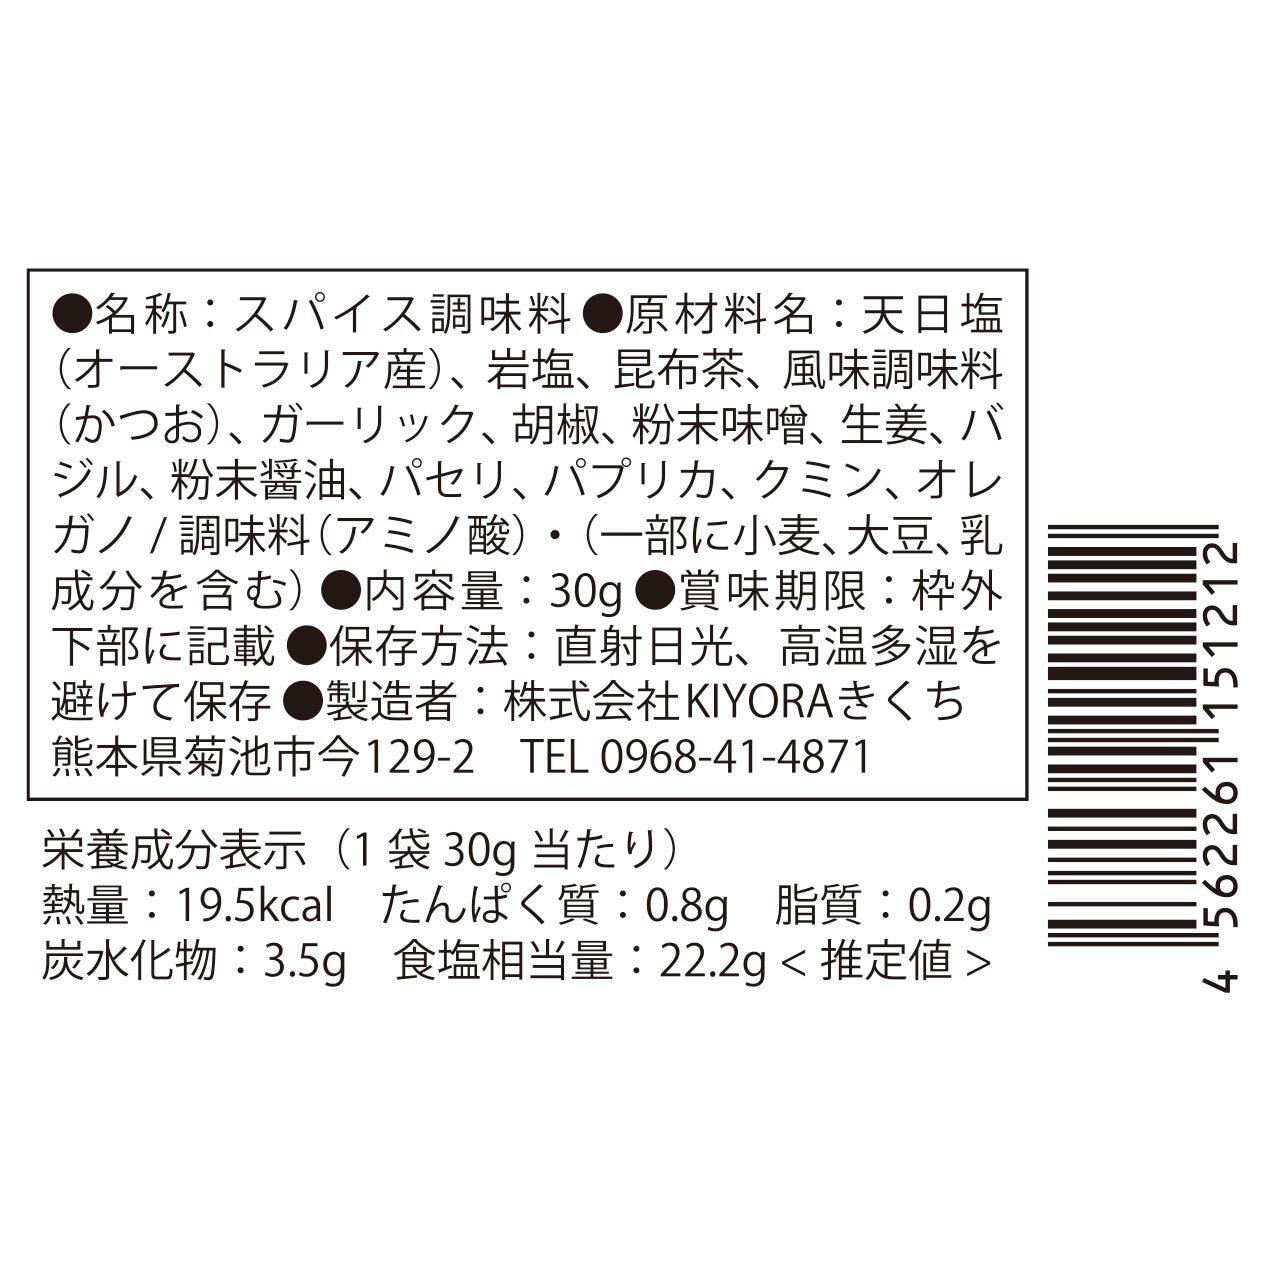 6月4日以降出荷分【3個セット】ふ~塩30g3個セット